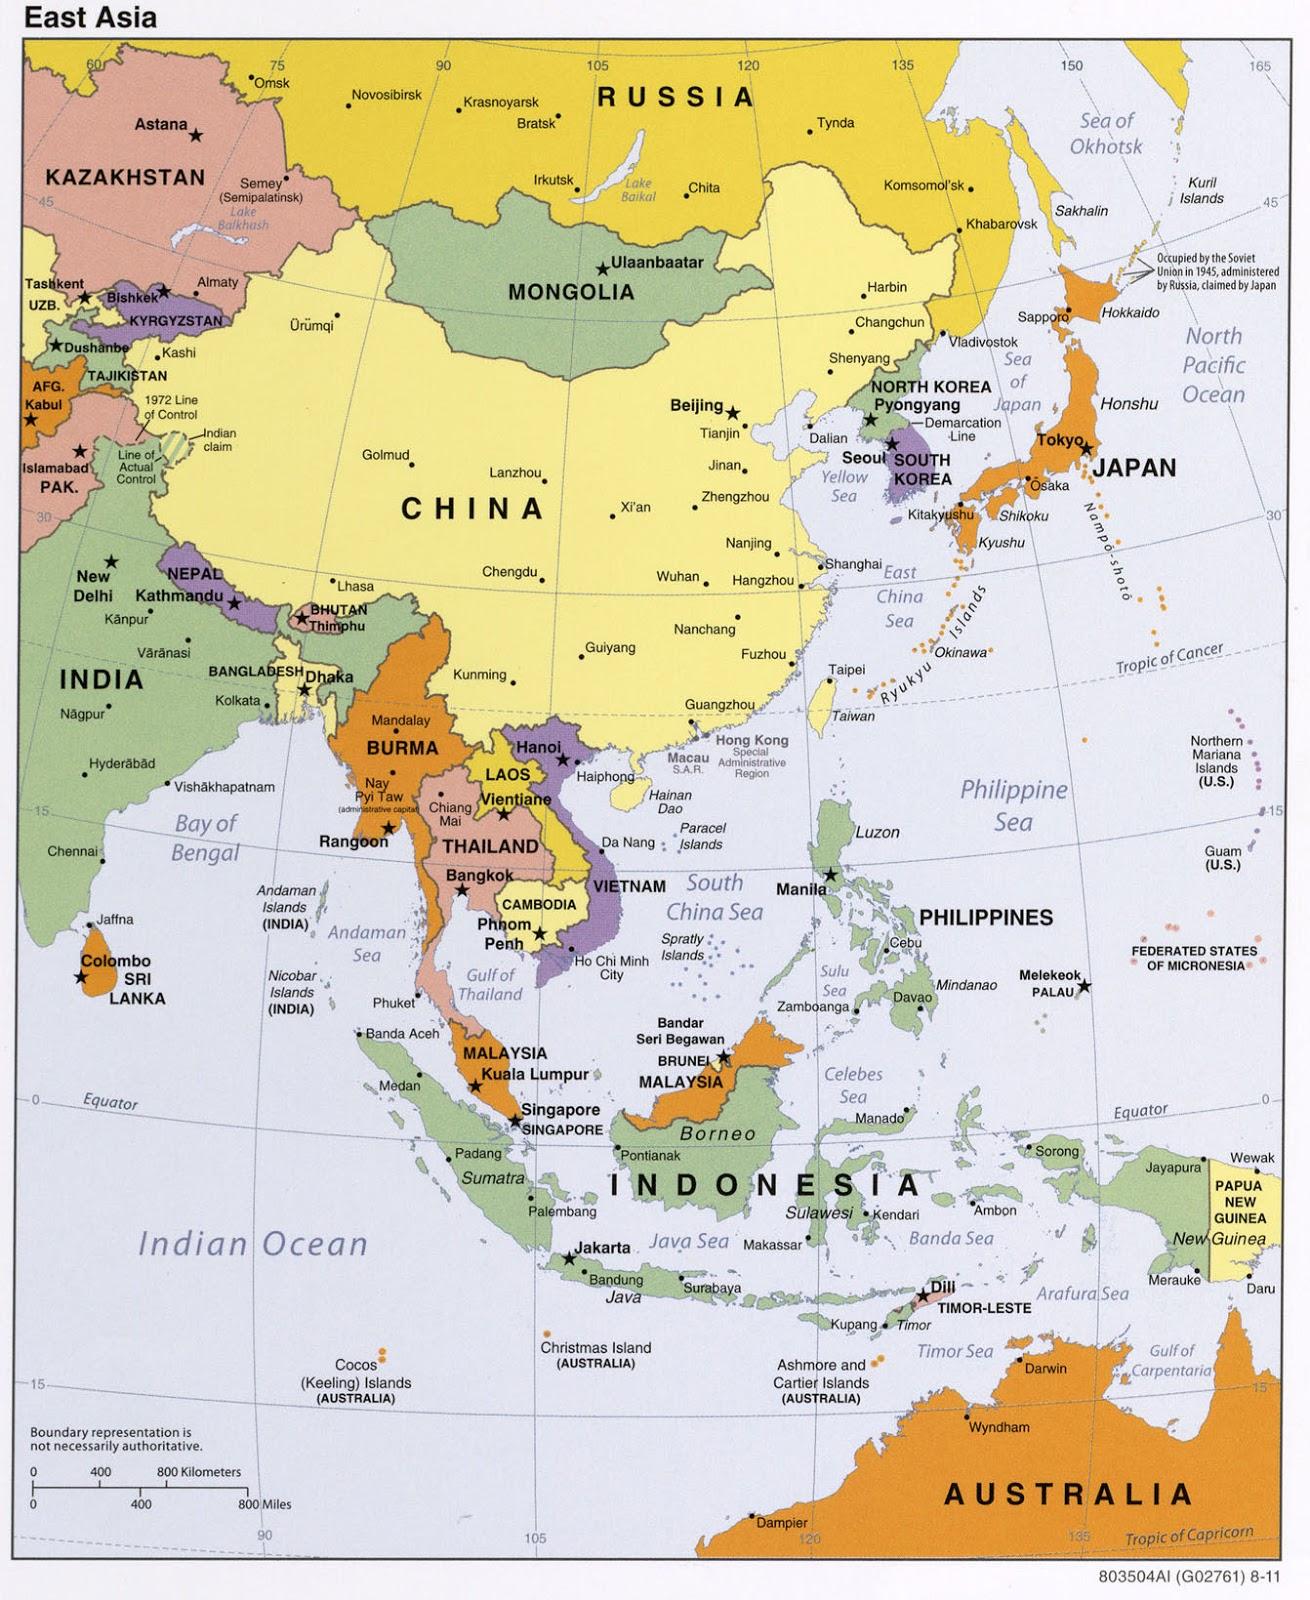 EagleSpeak South China Sea Bully Chinas Peoples War at Sea